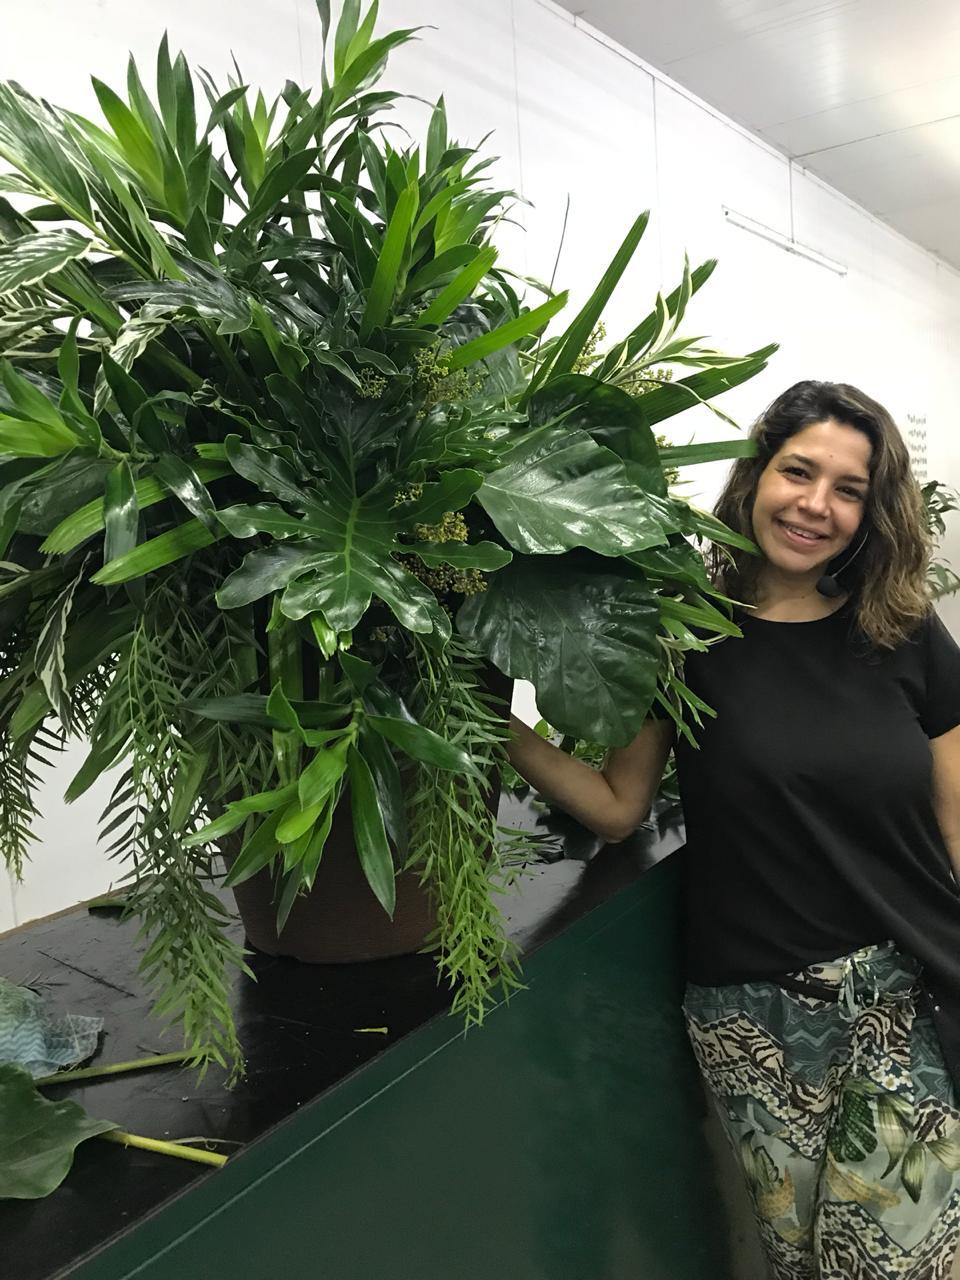 2018 - Rio de Janeiro - RJ   Karina Saab   Decoração de festas e eventos